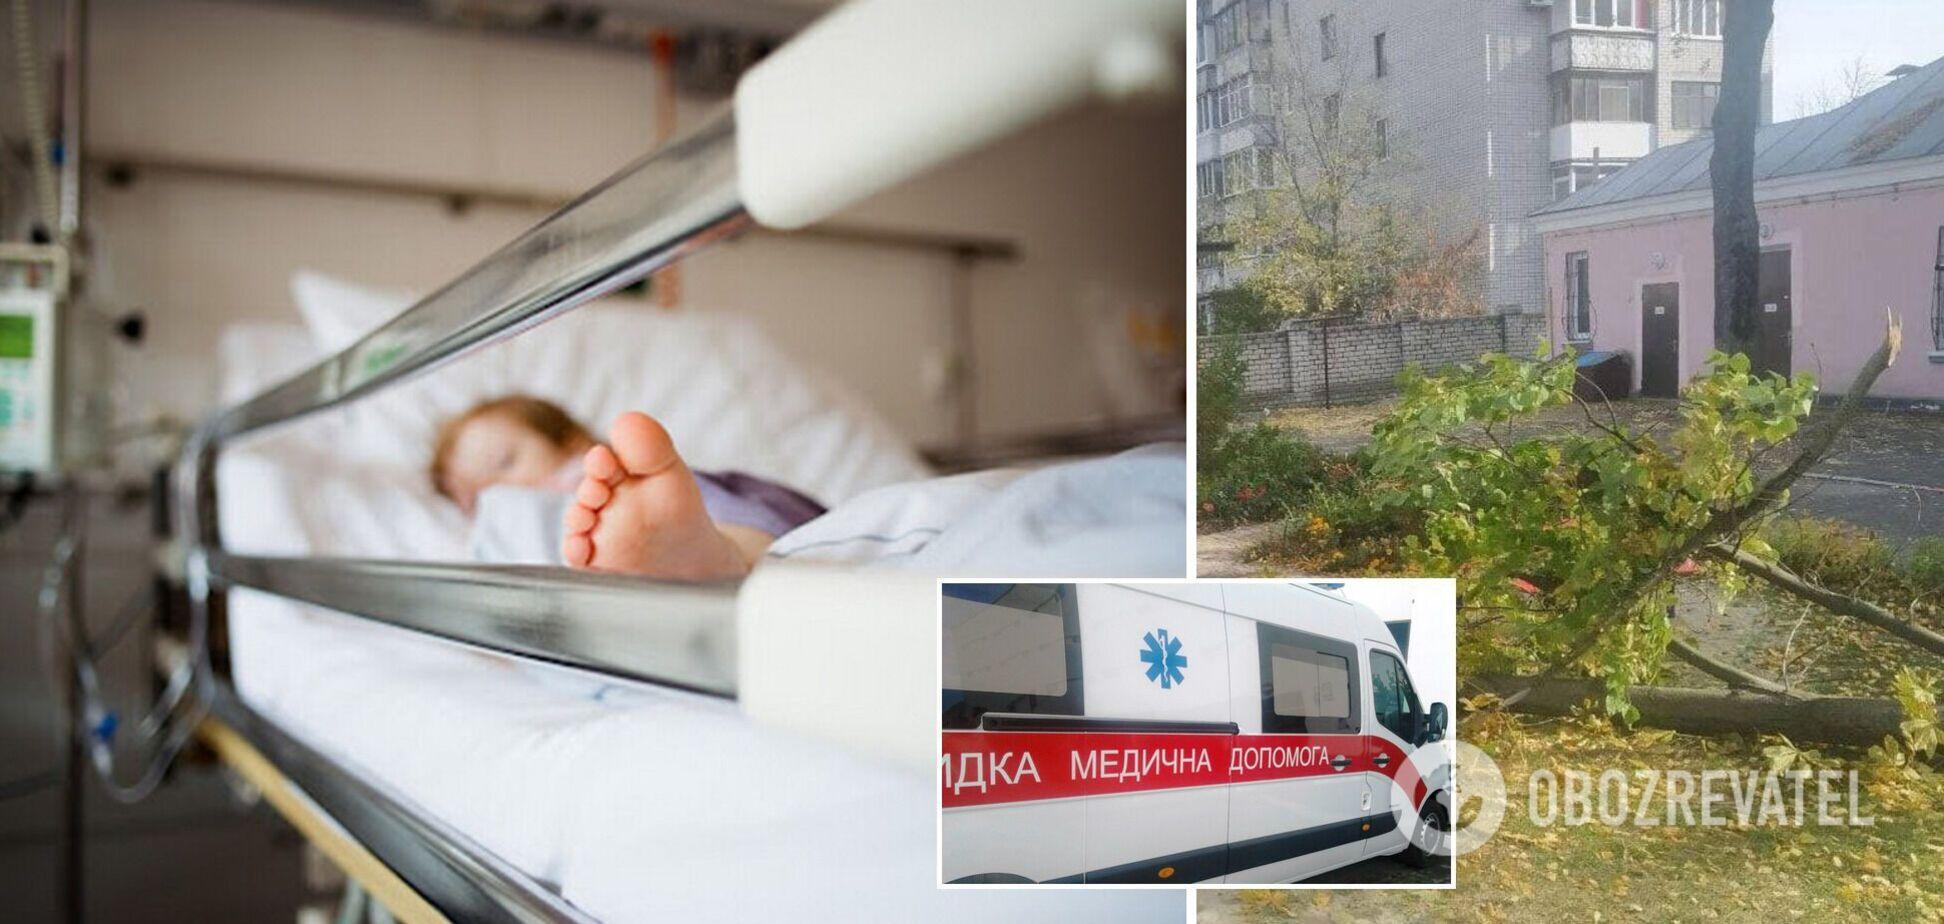 Дети уже возвращались с прогулки: выяснились новые детали смертельного ЧП в садике на Полтавщине